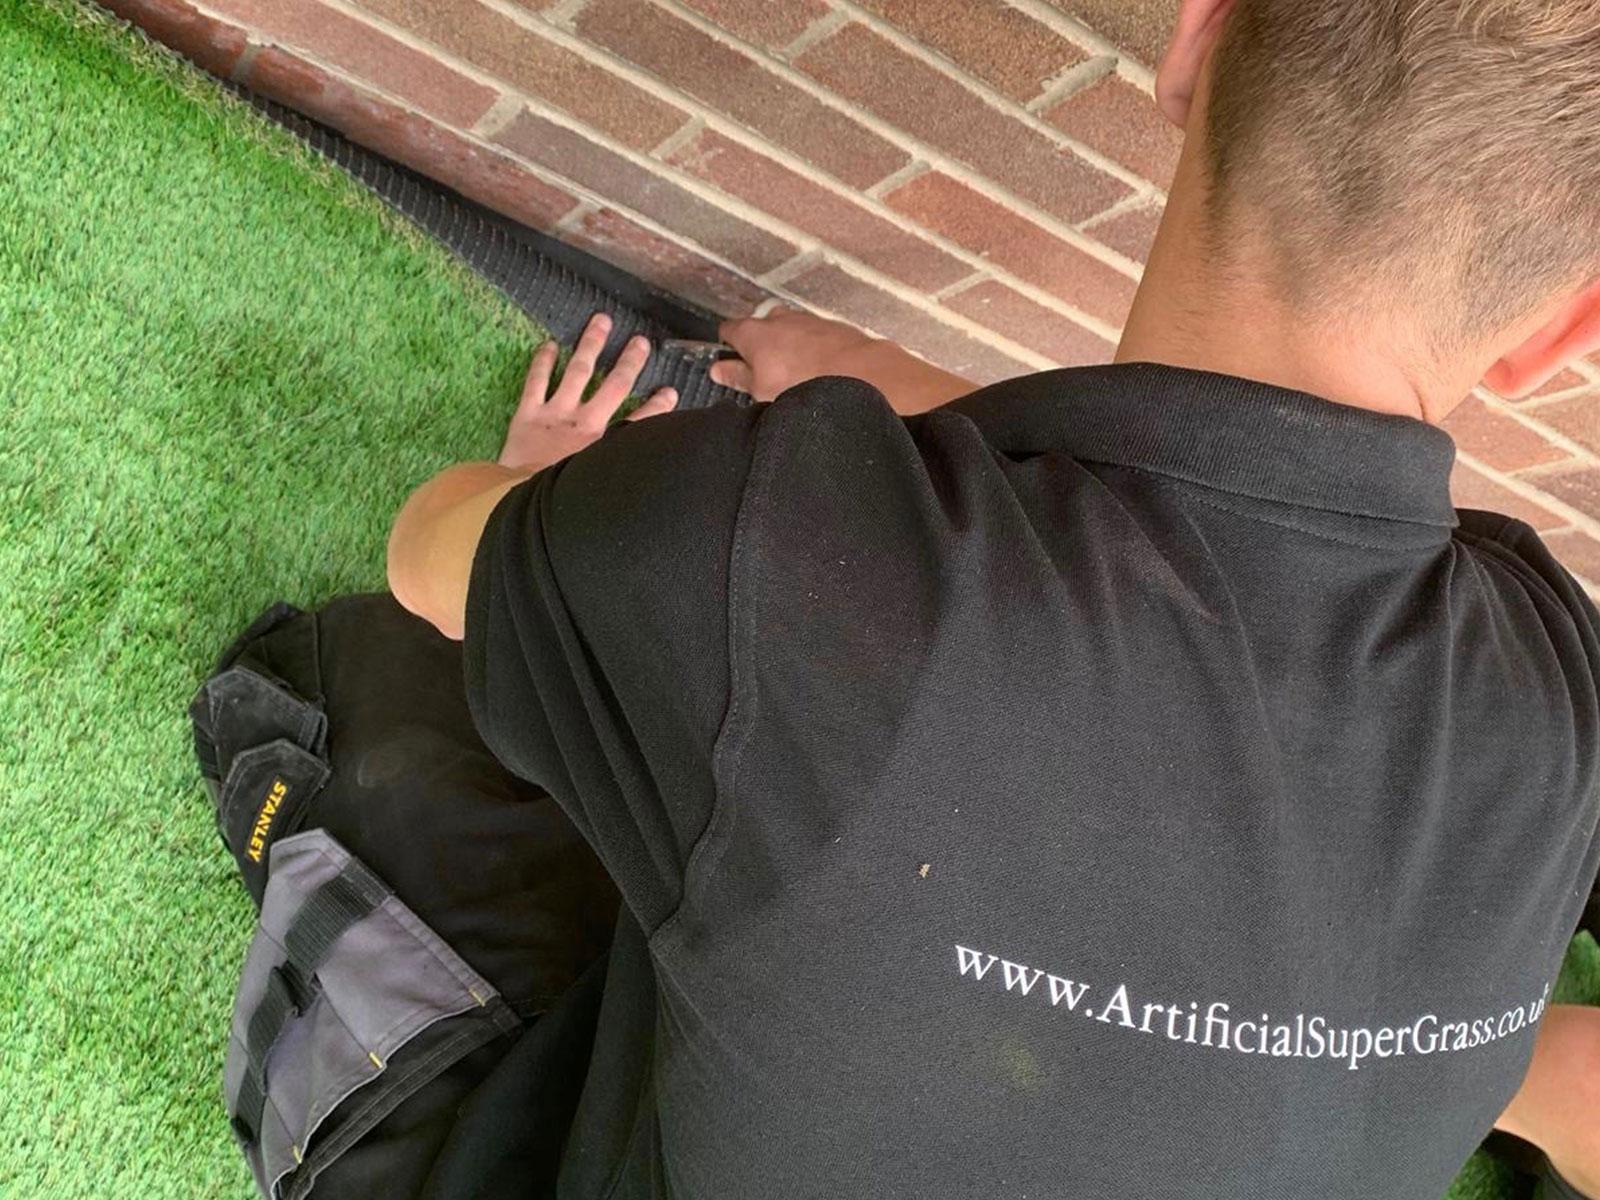 Best Artificial Grass Leeds Artificial Super Grass